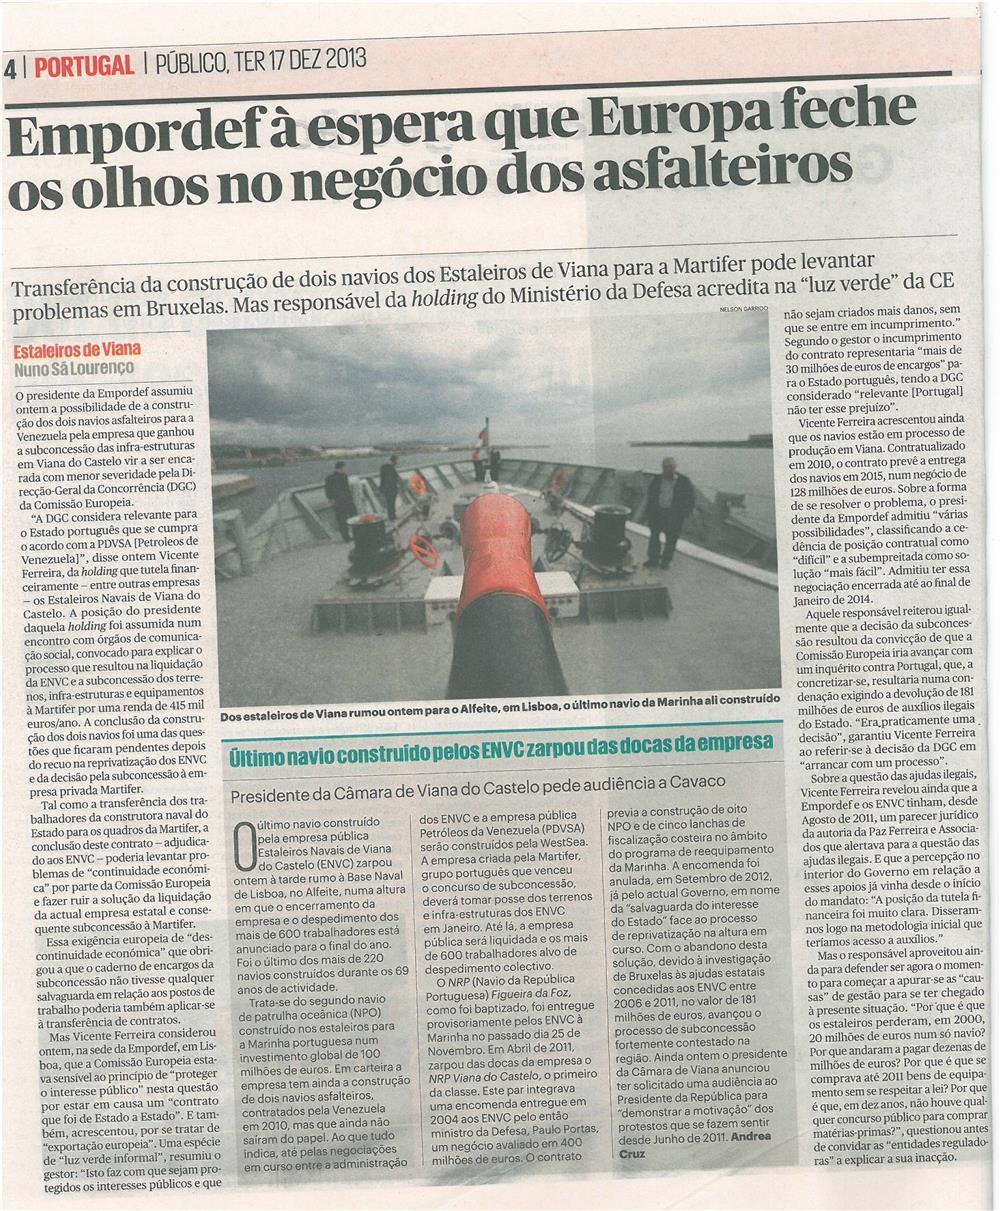 Público-17dez13-p4-Empordef à espera que Europa feche os olhos no negócio dos asfalteiros